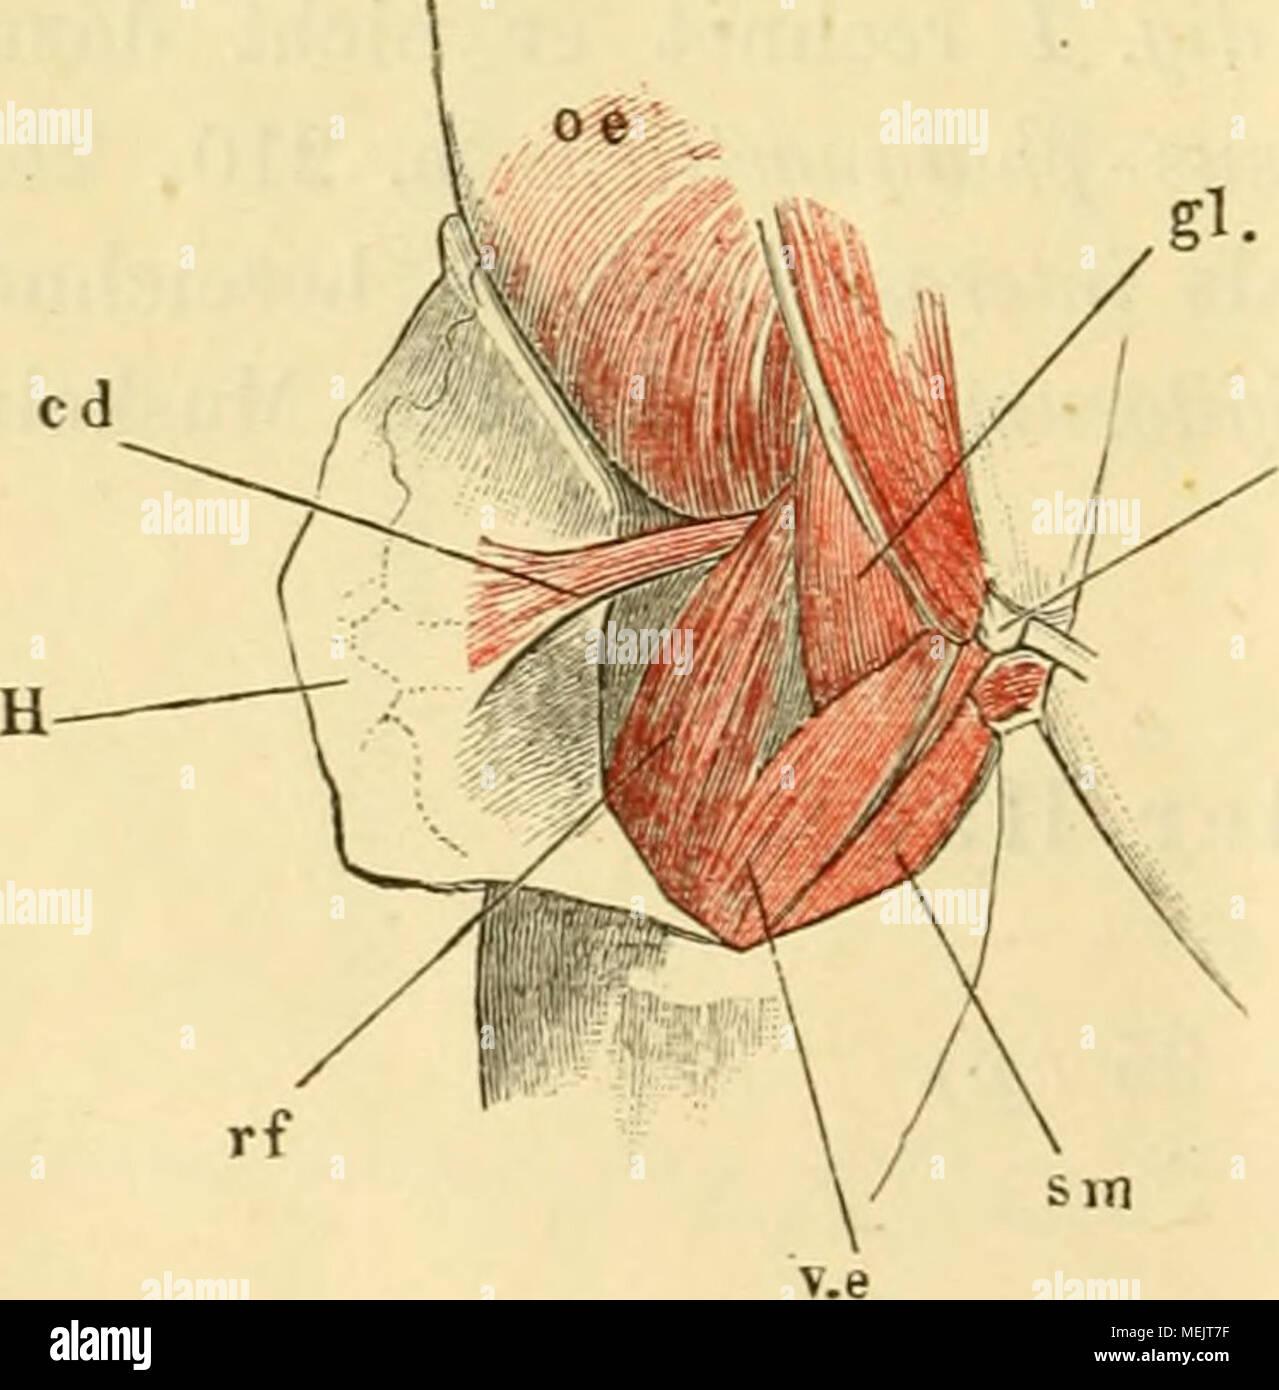 Fein Unterkörper Muskeln Diagramm Galerie - Menschliche Anatomie ...